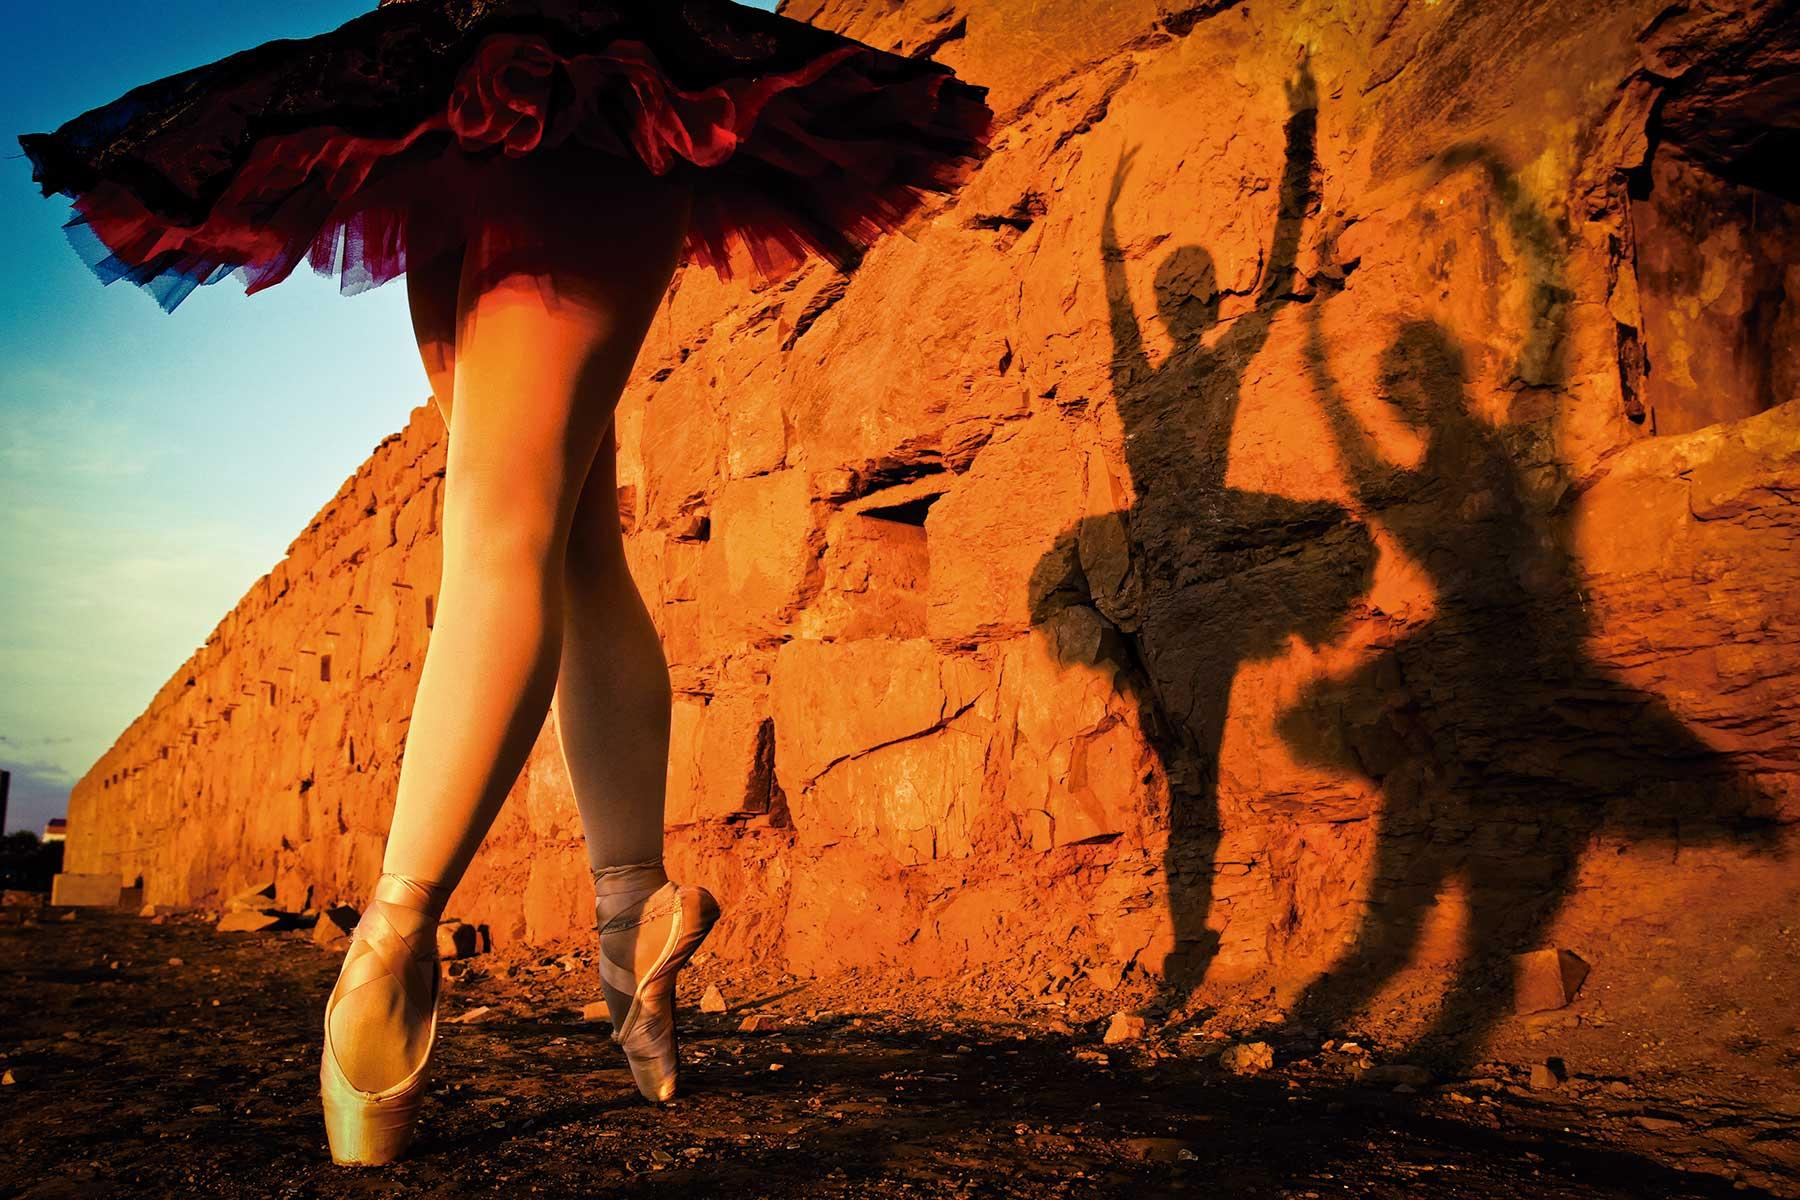 Rodrigo Herrera Aguirre PRIMER ACTO: Ballet en estado urbano